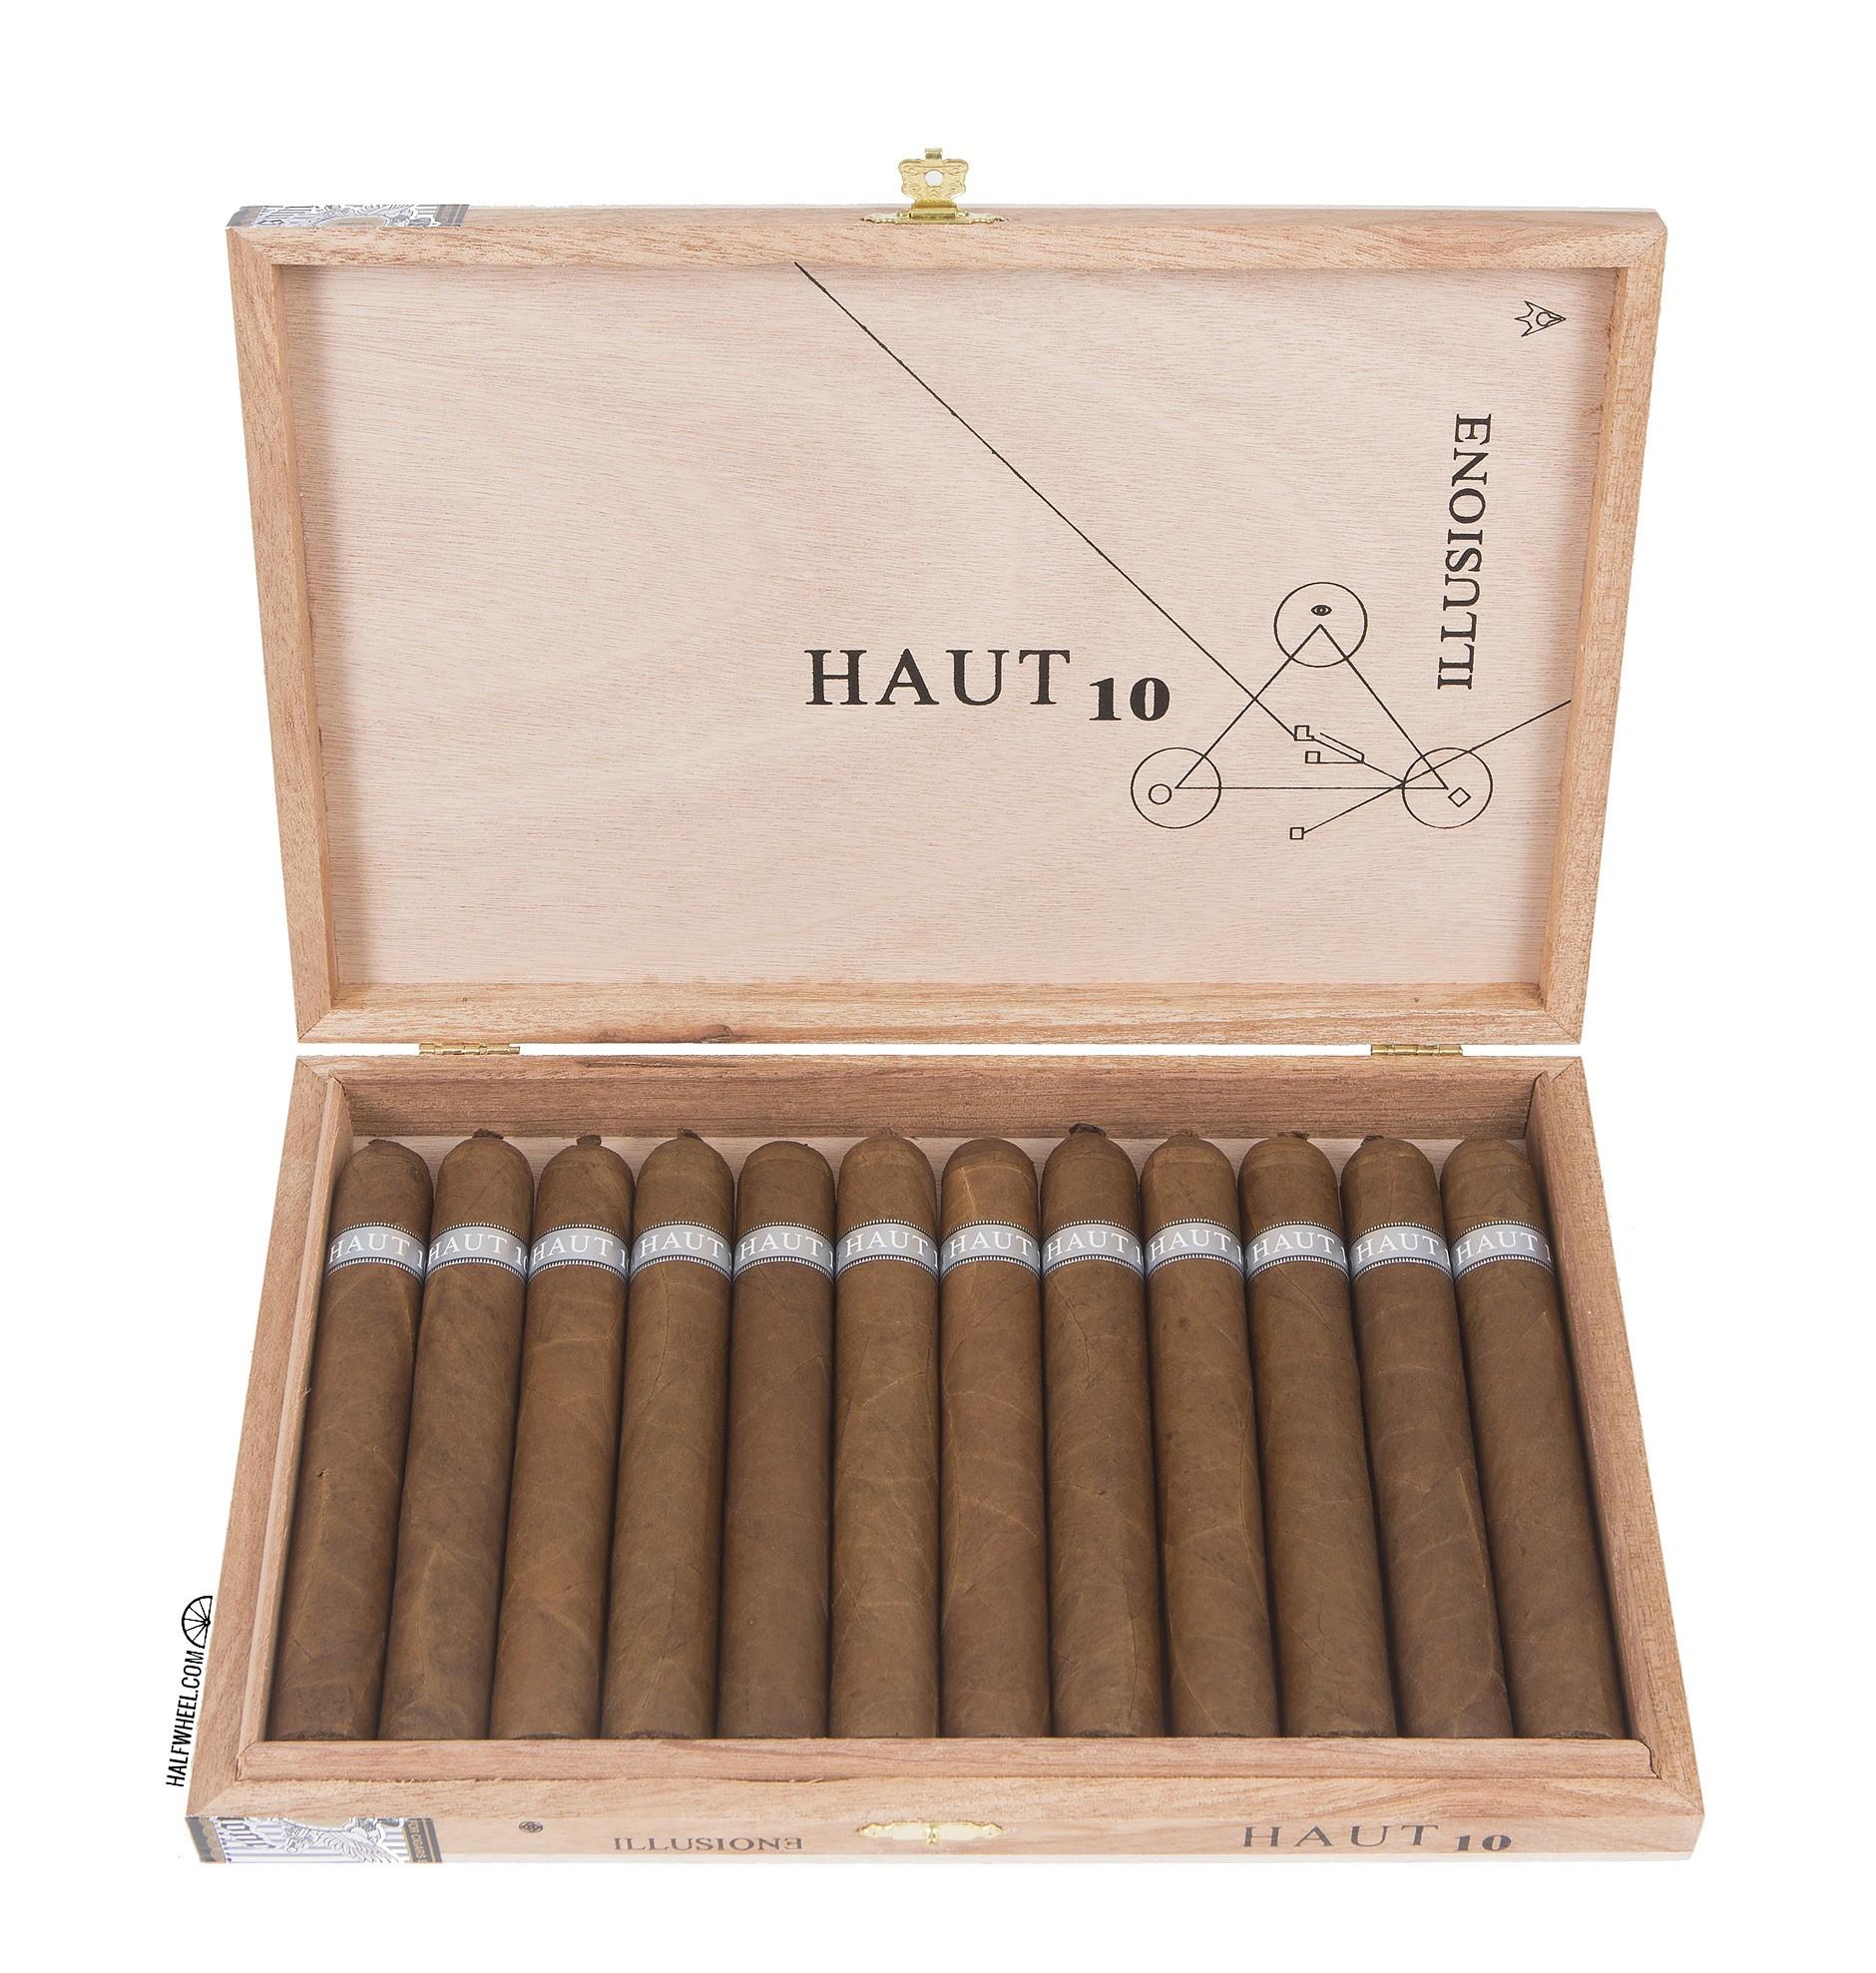 Illusione-Haut-10-Open-Box.jpg